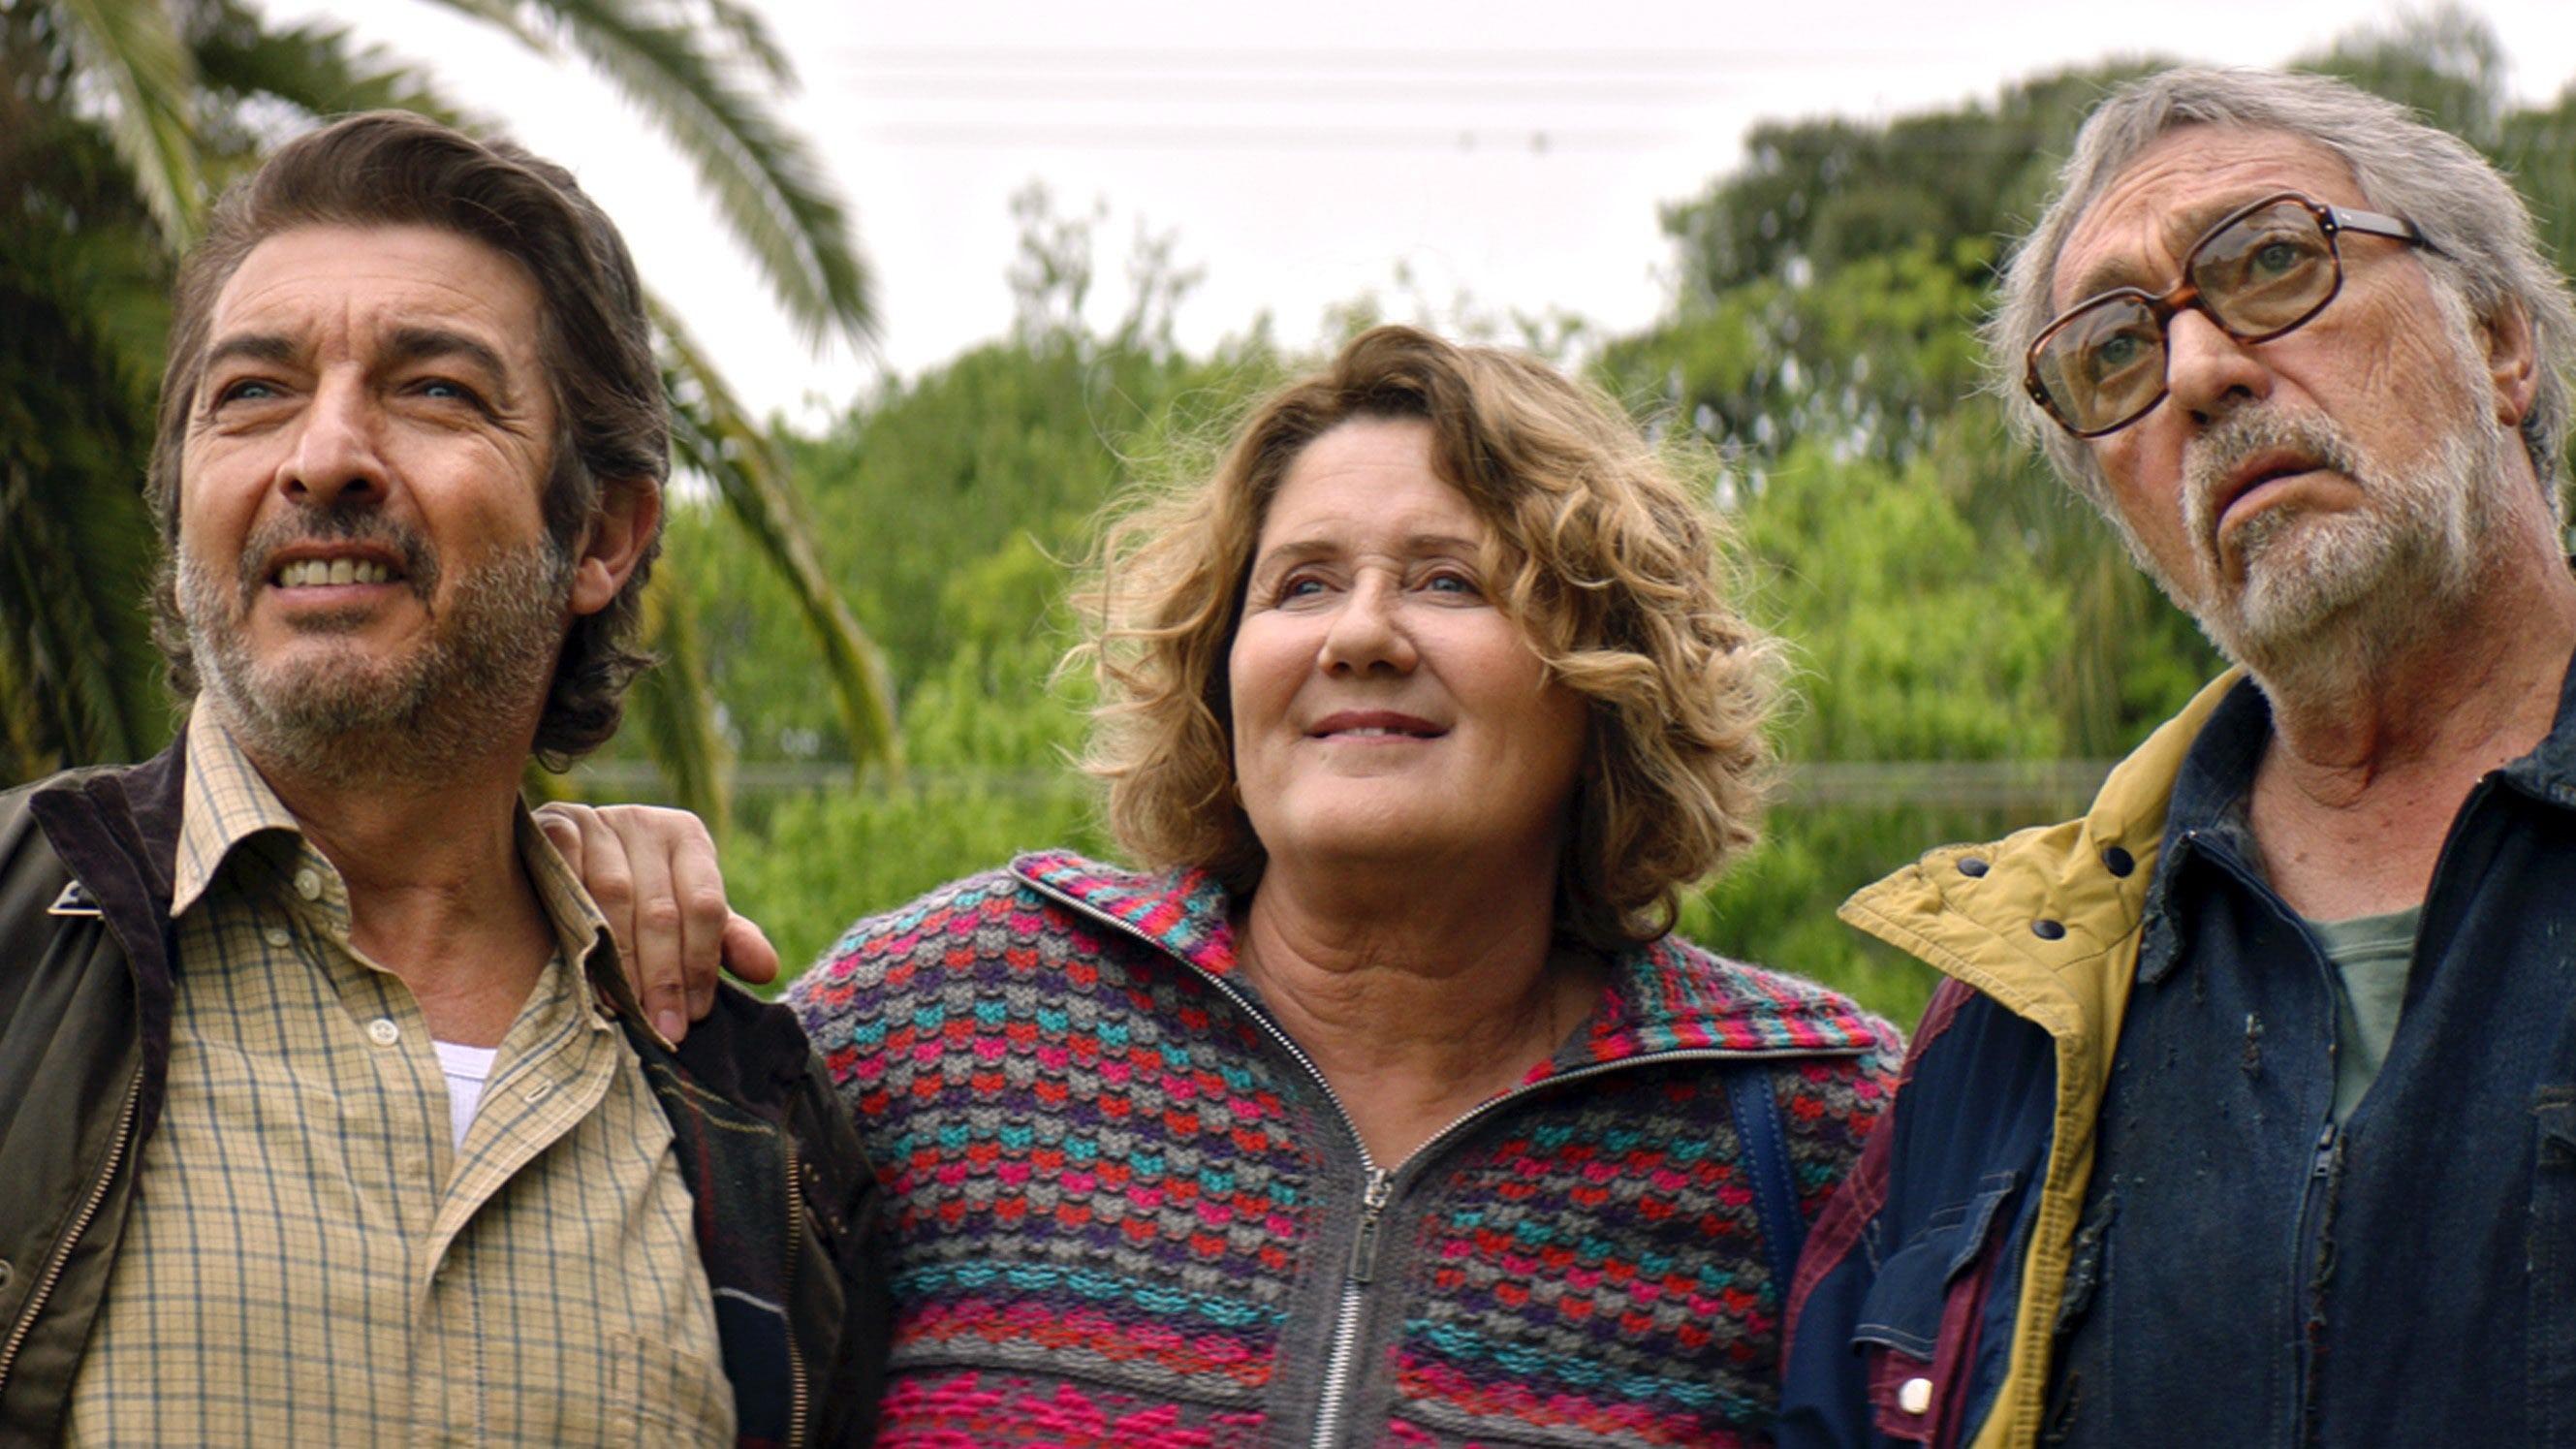 Heroic Losers (La odisea de los giles) — Moro Spanish Film Festival 2021